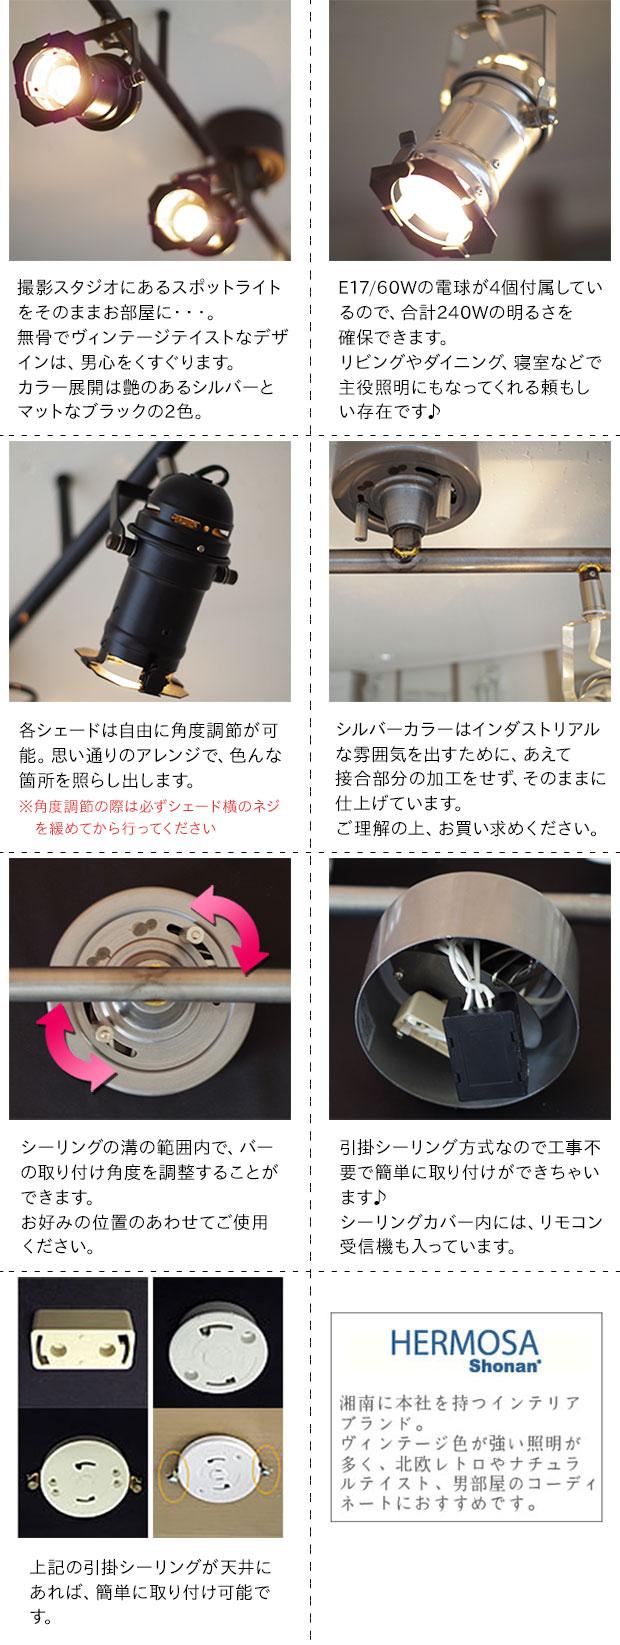 シーリングスポットライト STUDIO4 スタジオ4 SL-001 HERMOSA ハモサ